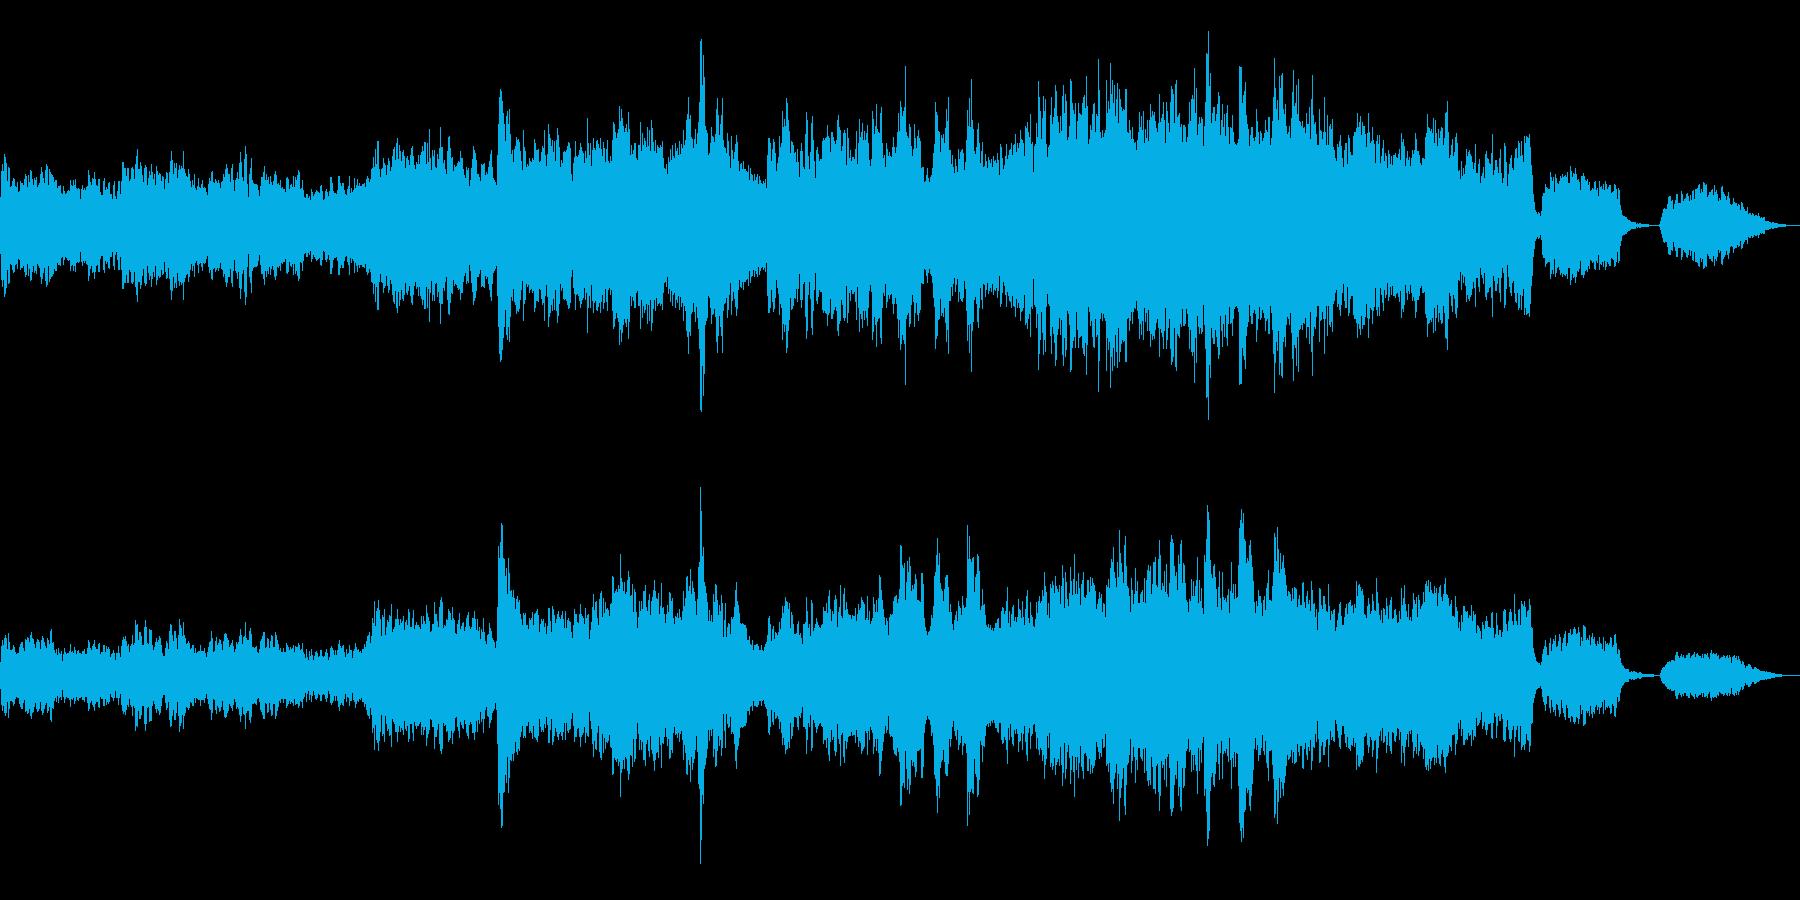 バイオリンが絡み合うドラマチックな感動曲の再生済みの波形